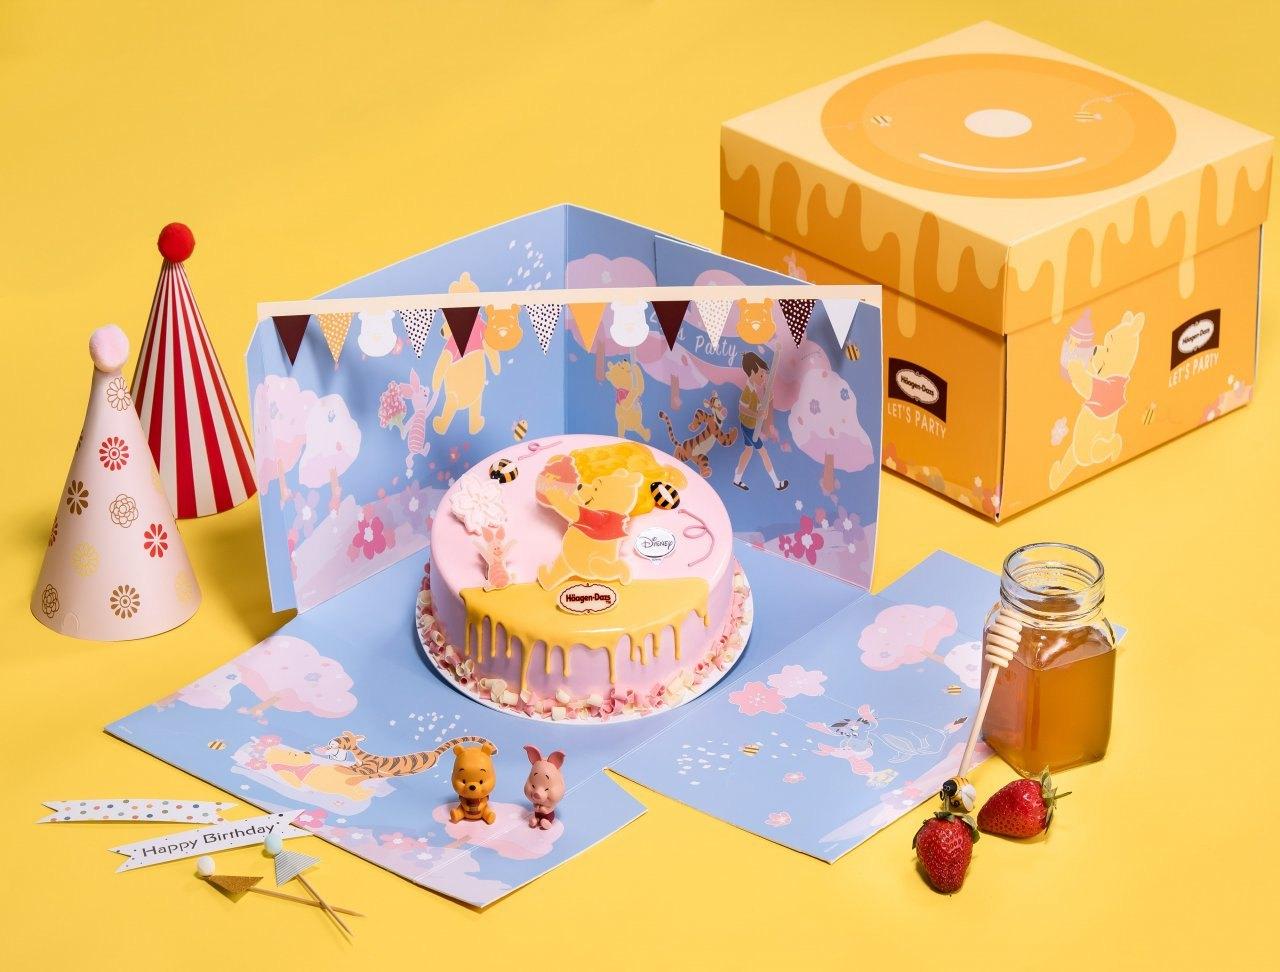 ▲「只想為尼」尋蜜派對組,快樂的跑跳維尼為派對氣氛增溫,清爽的水果口味冰淇淋蛋糕,無論是慶生、或是即將到來的兒童節,都是最可愛的亮點!